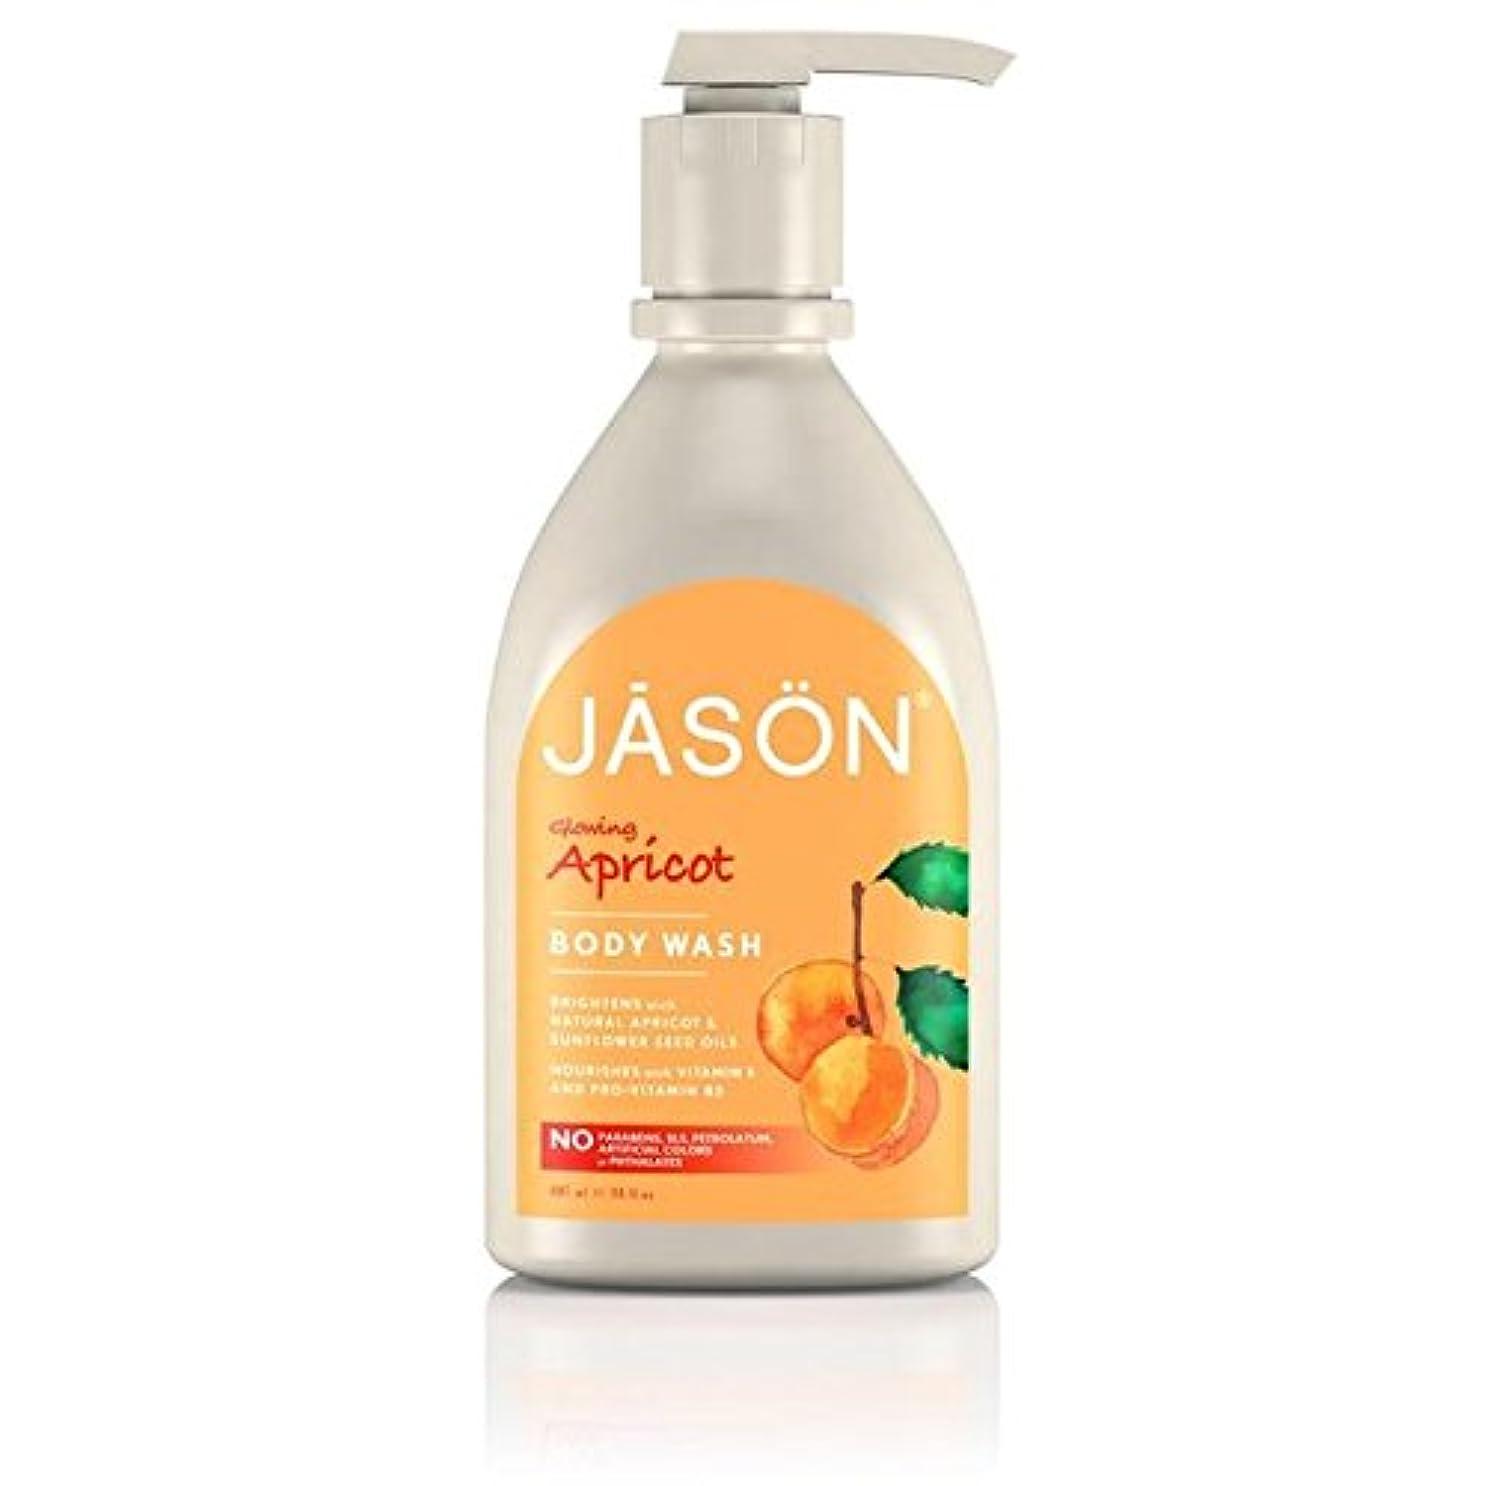 騒欠かせない推定Jason Apricot Satin Body Wash Pump 900ml - ジェイソン?アプリコットサテンボディウォッシュポンプ900ミリリットル [並行輸入品]